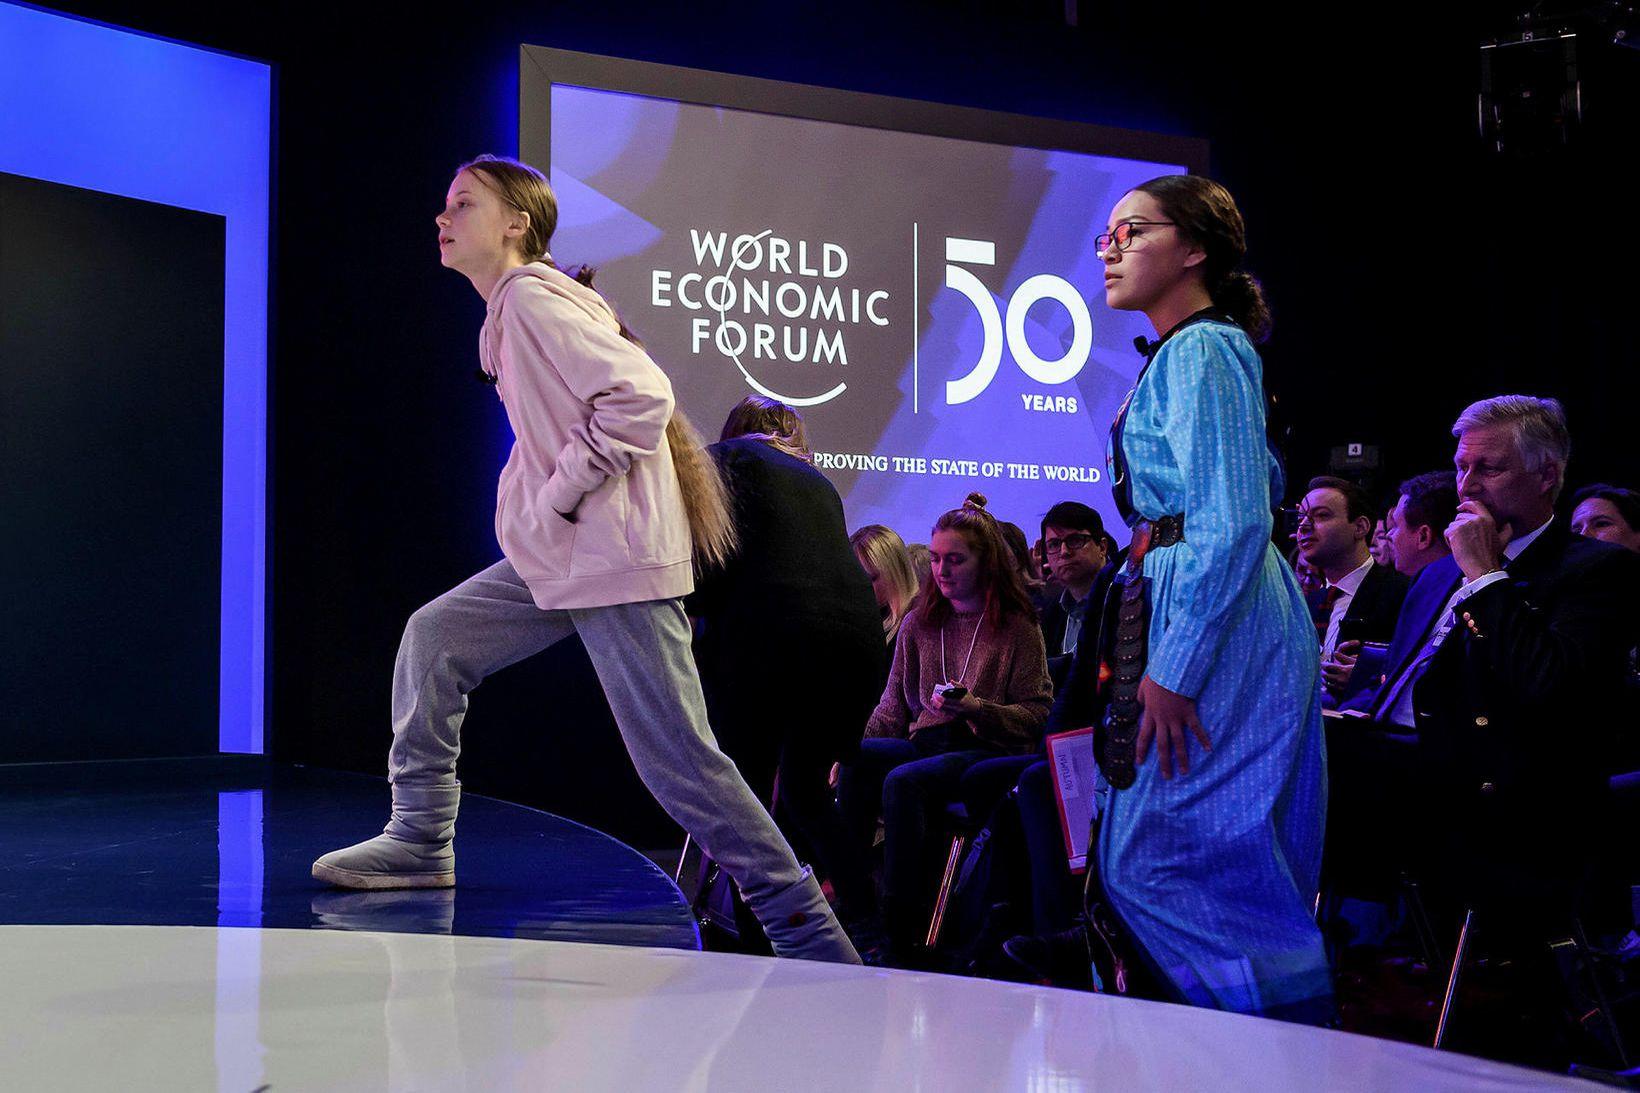 Tvær ungar baráttukonur. Greta Thunberg sem er frá Svíþjóð og …